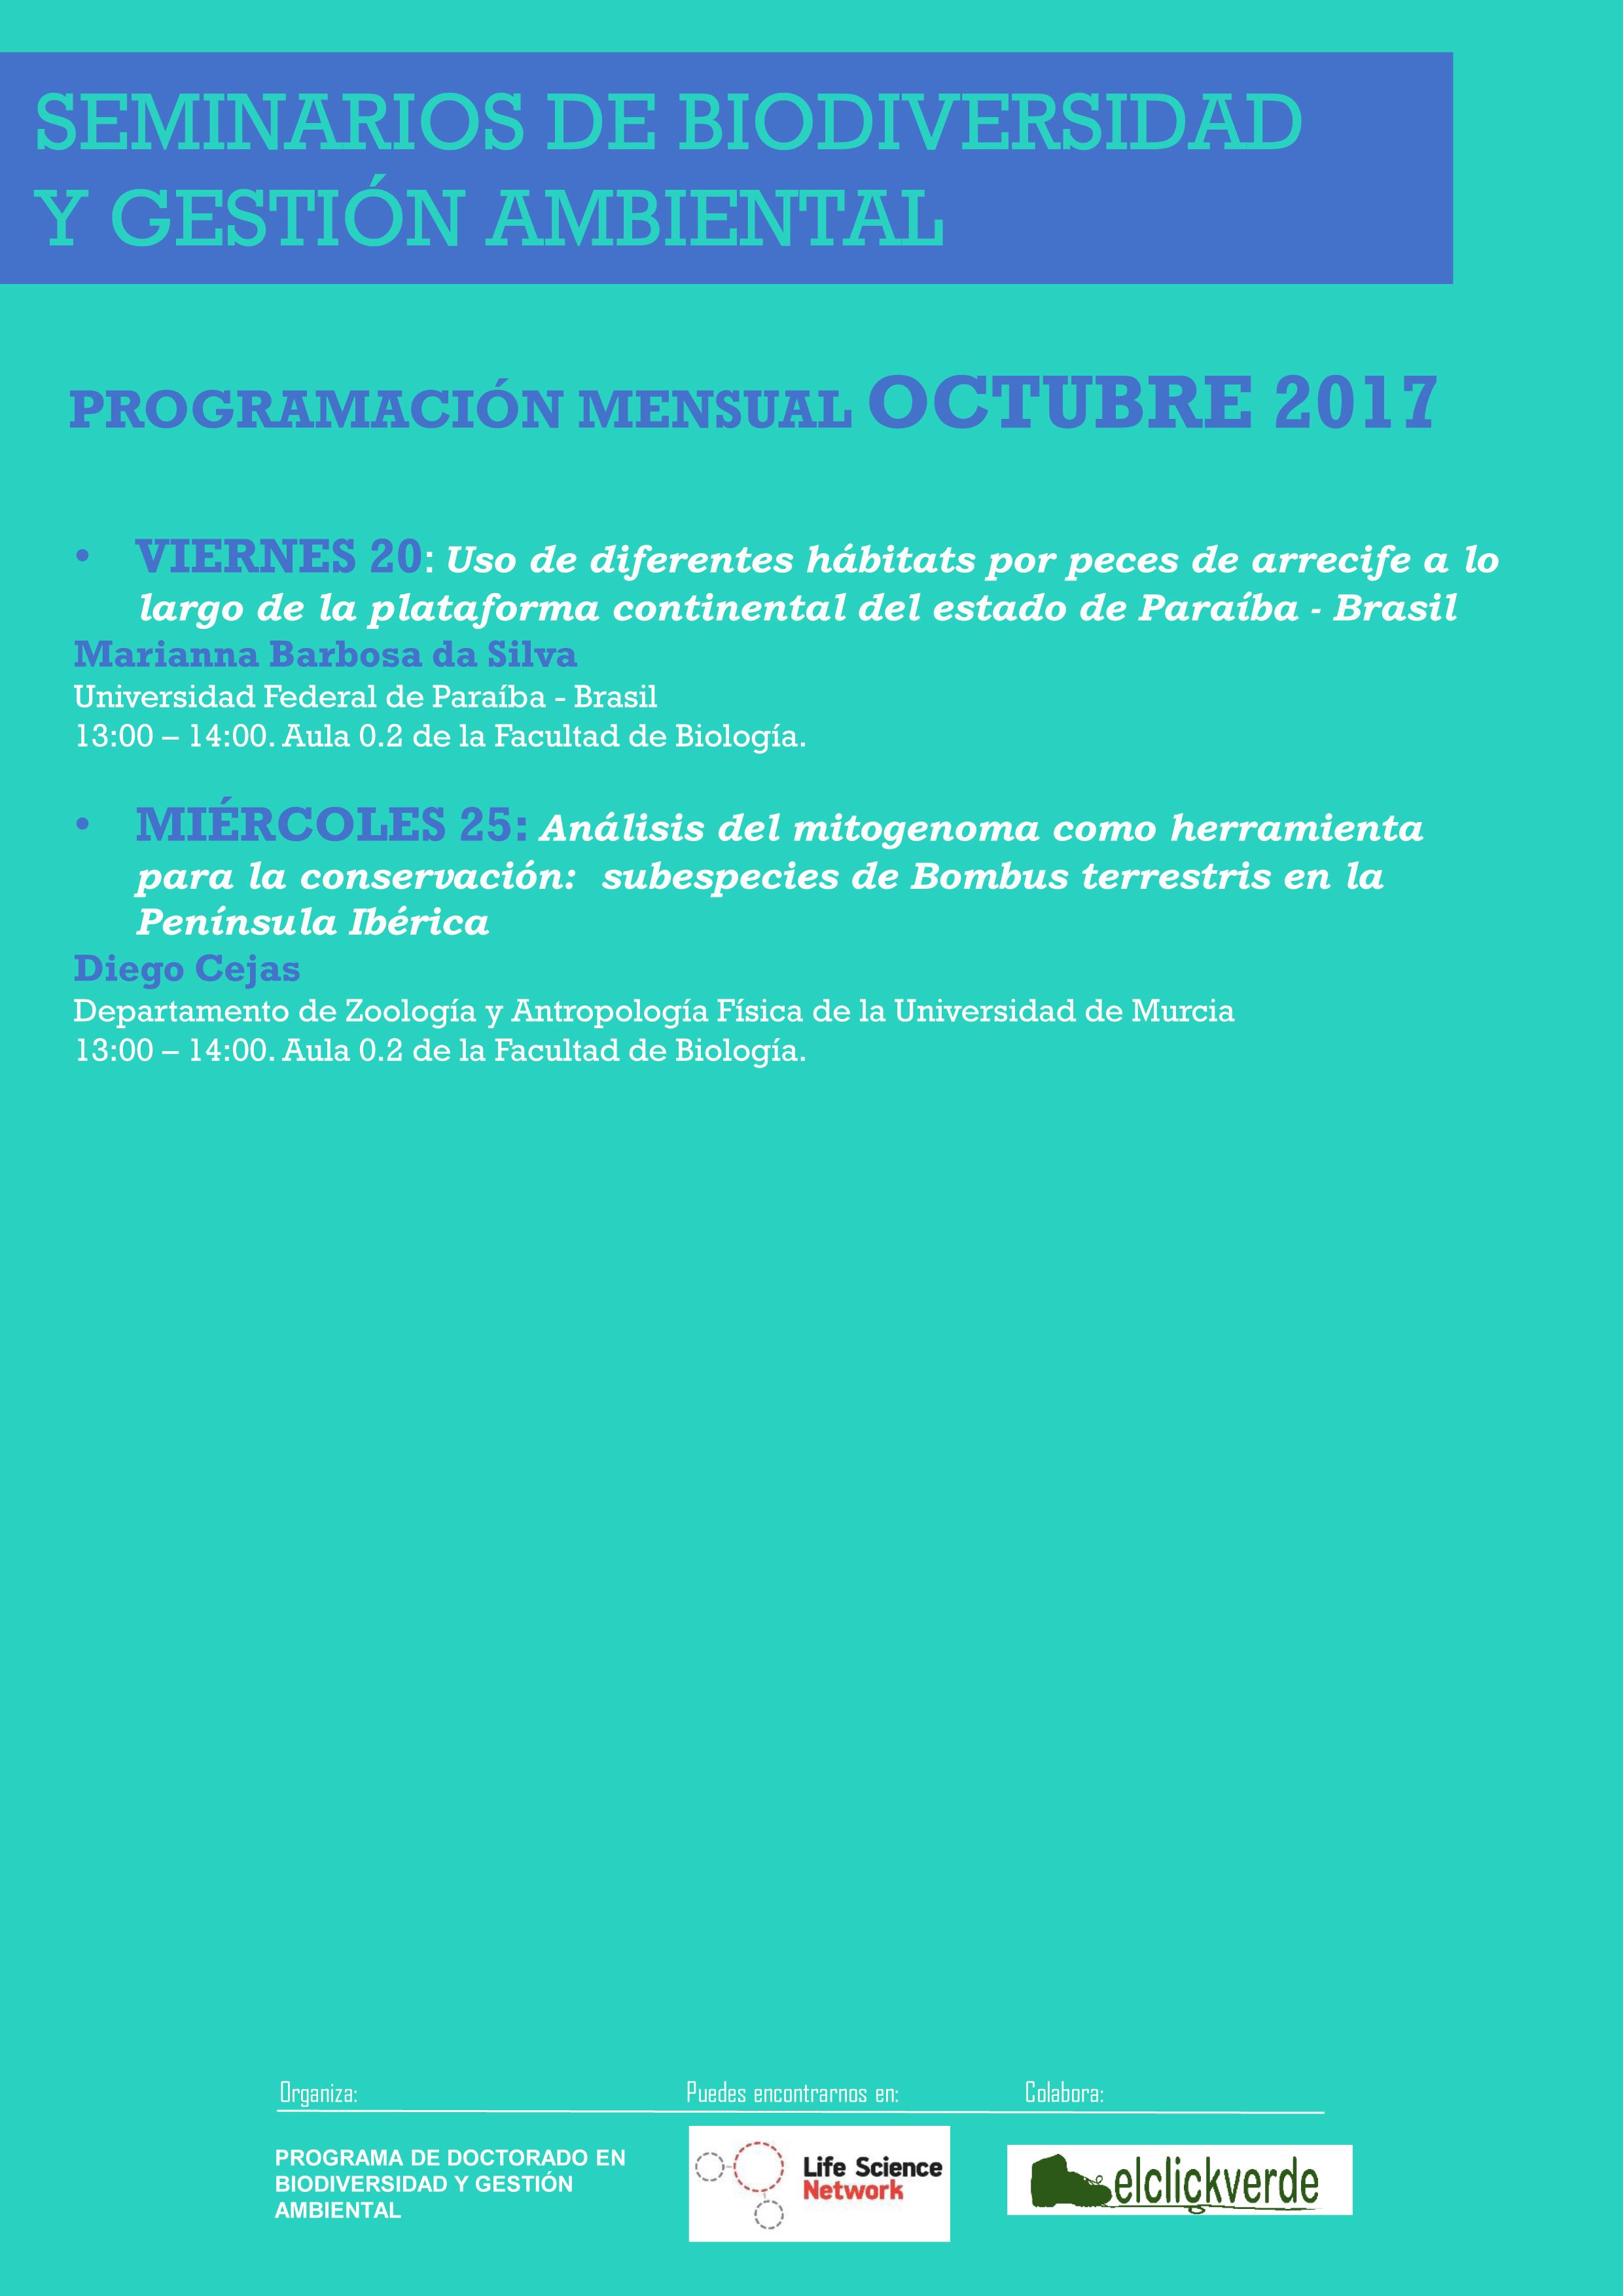 Seminarios del Programa de Doctorado en Biodiversidad y Gestión Ambiental, de la UMU